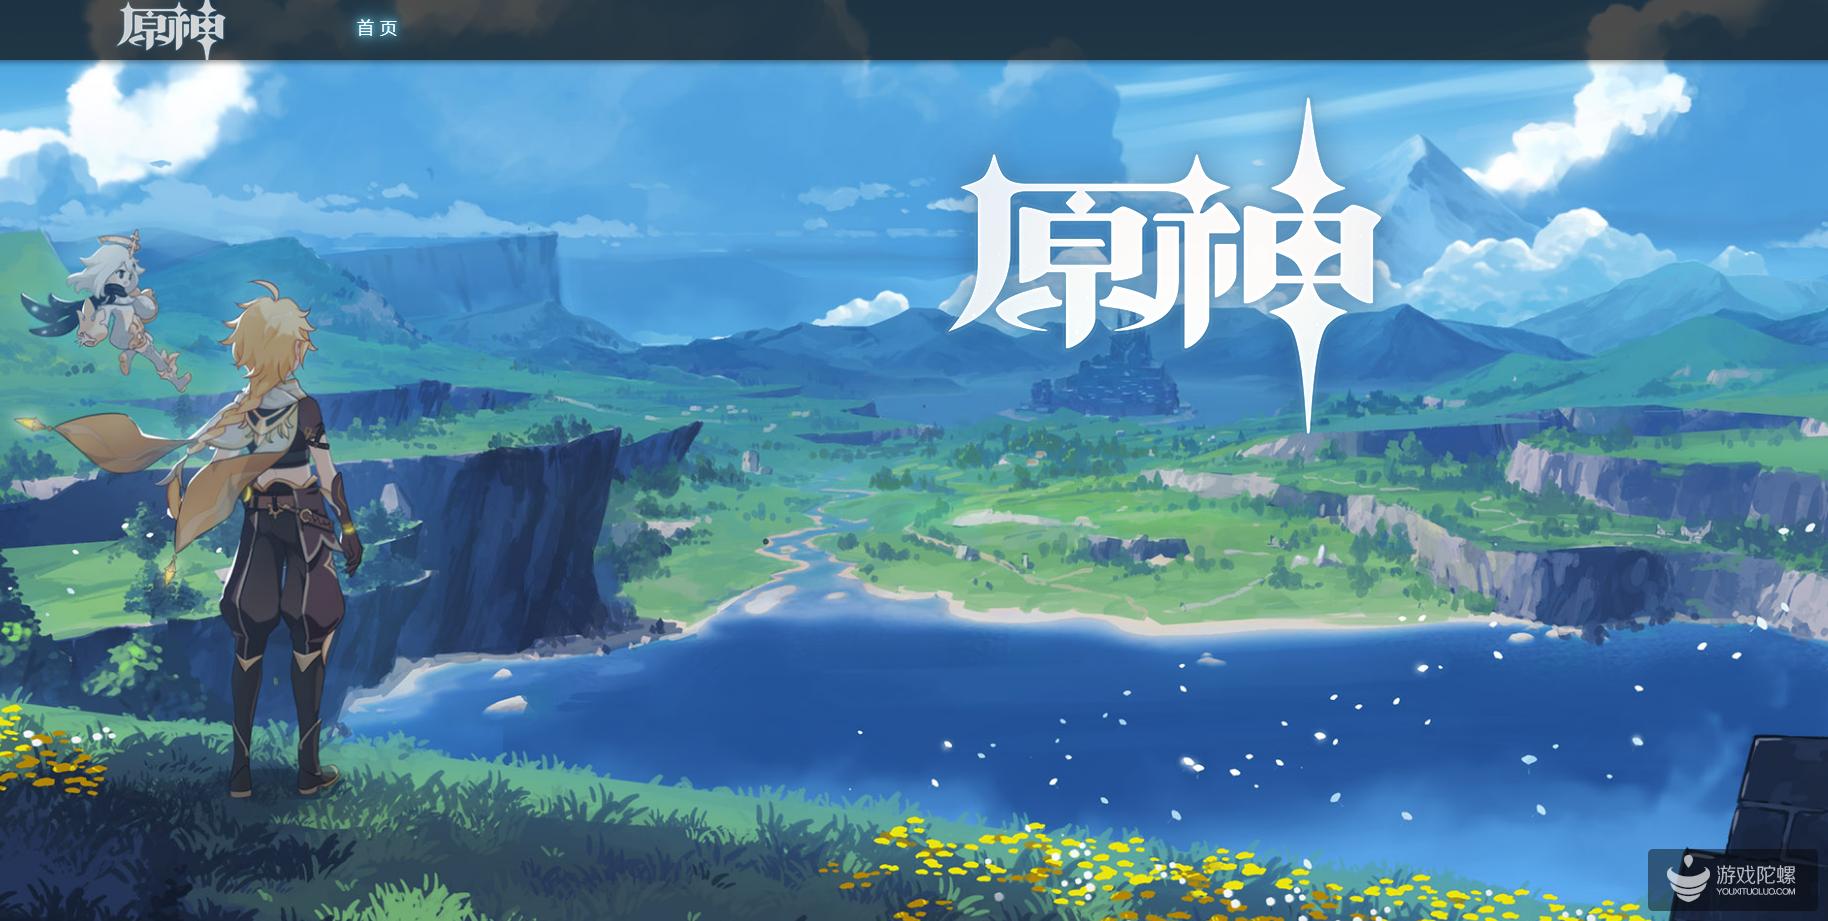 全新世界观架构 米哈游PS4新作《原神》疑似即将推出